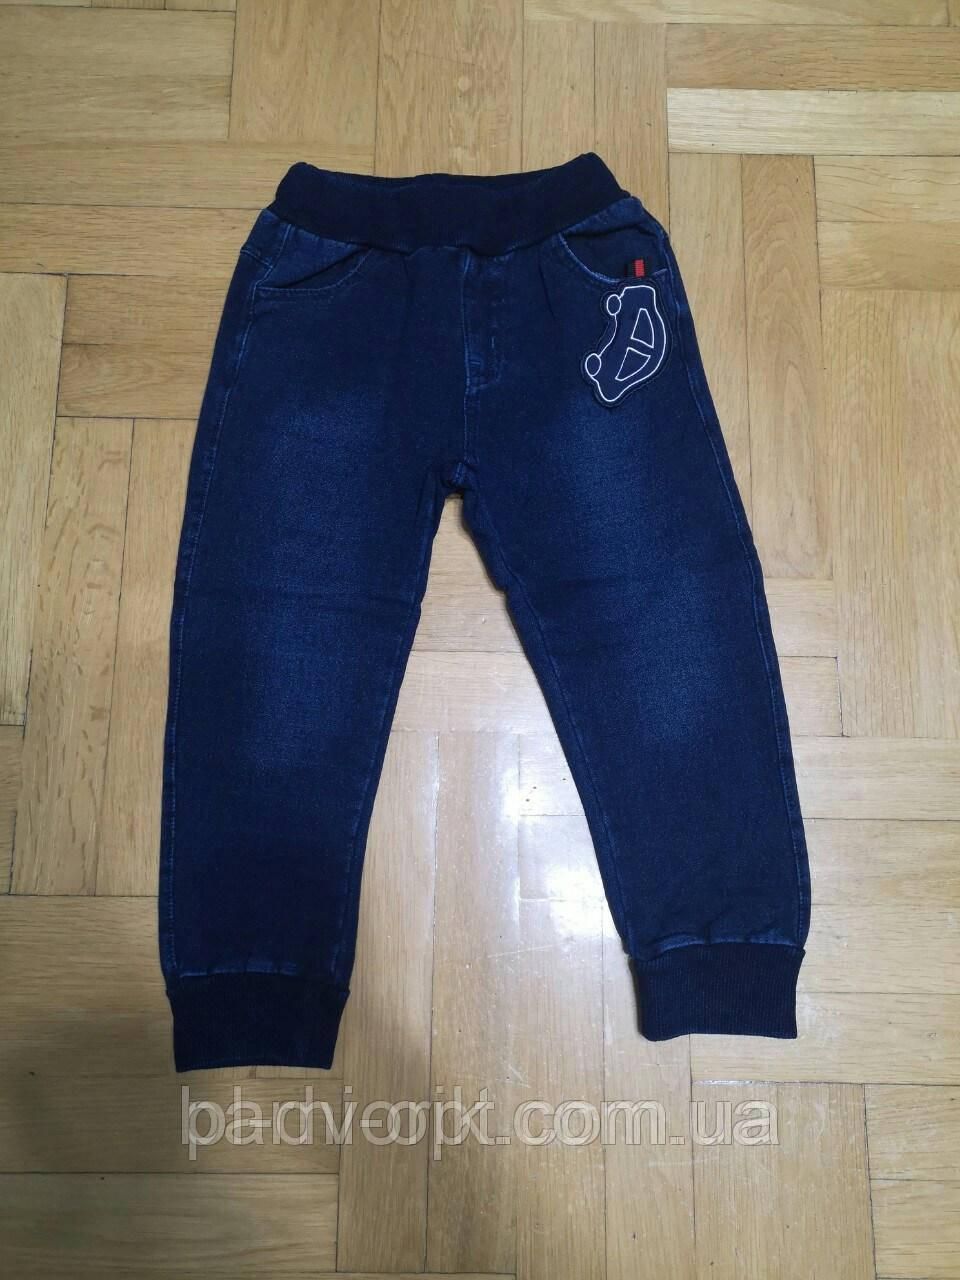 Штаны под джинс с микроначесом на мальчика   3мес.6мес.9мес1, 2, , , года